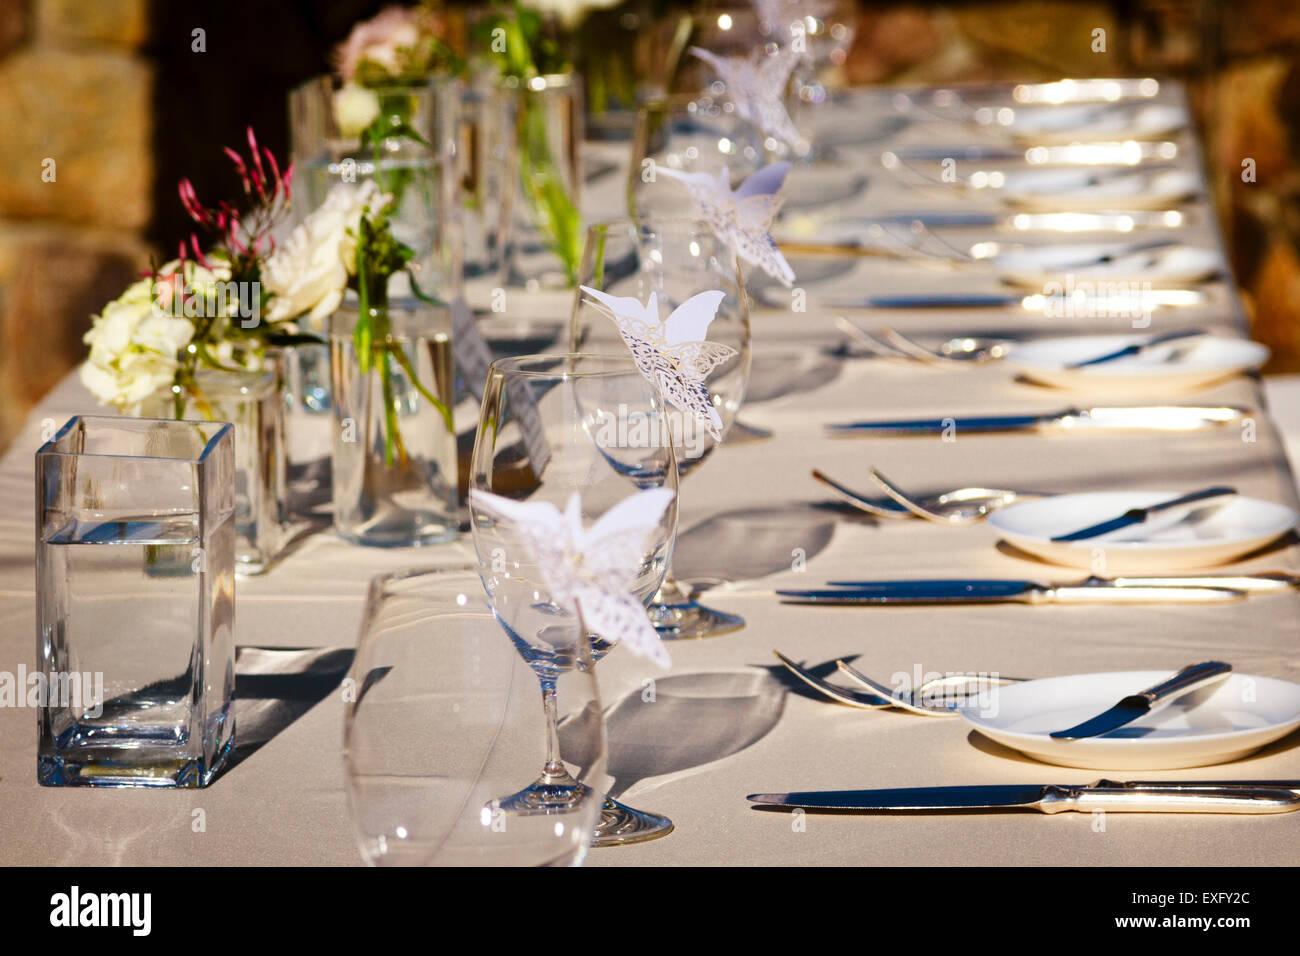 Table de salle à manger formelle pour un dîner de mariage célébration Photo Stock